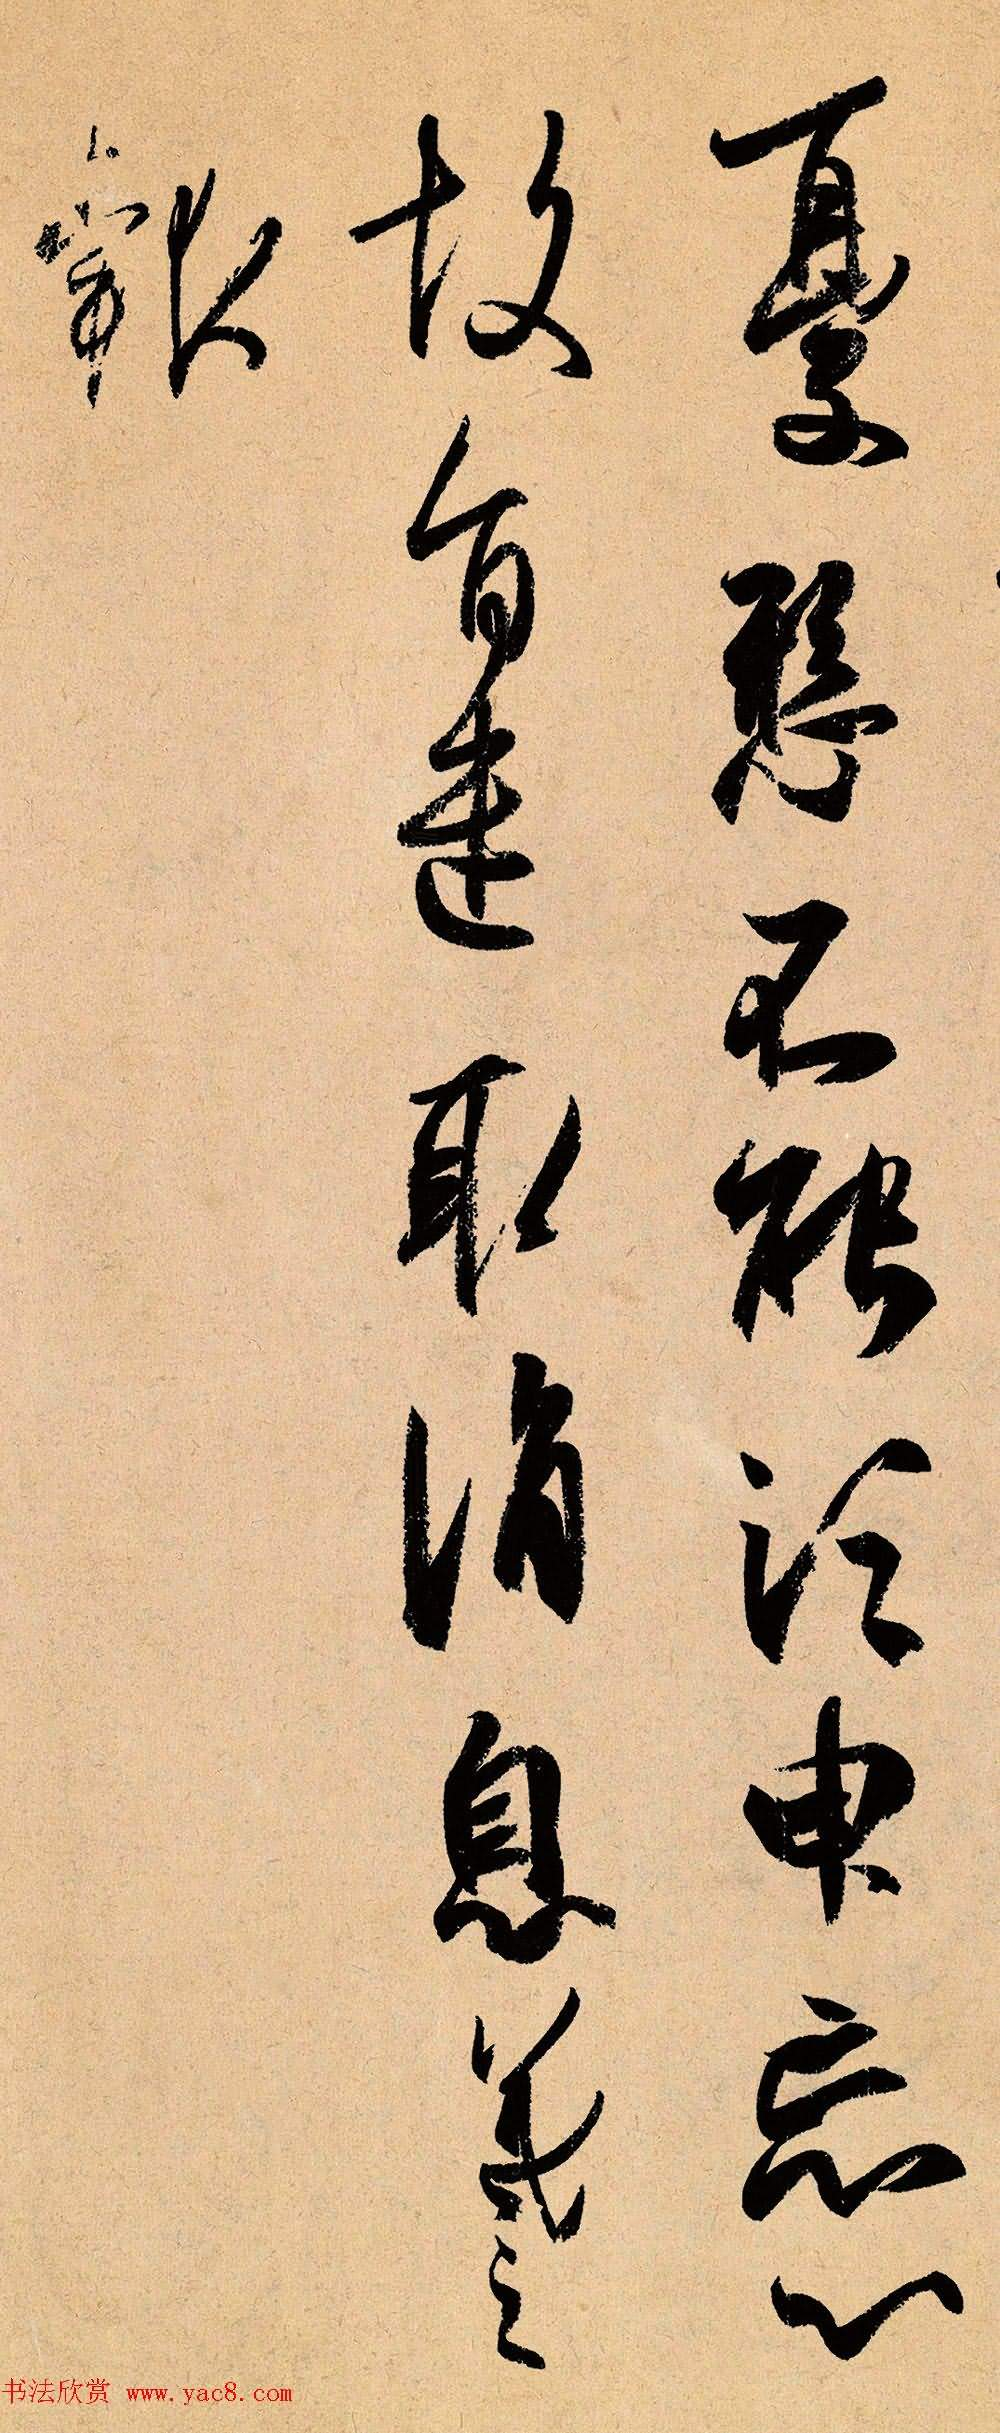 王羲之の書体は『憂懸帖』の2種類を鑑賞します(全部で3枚の写真)